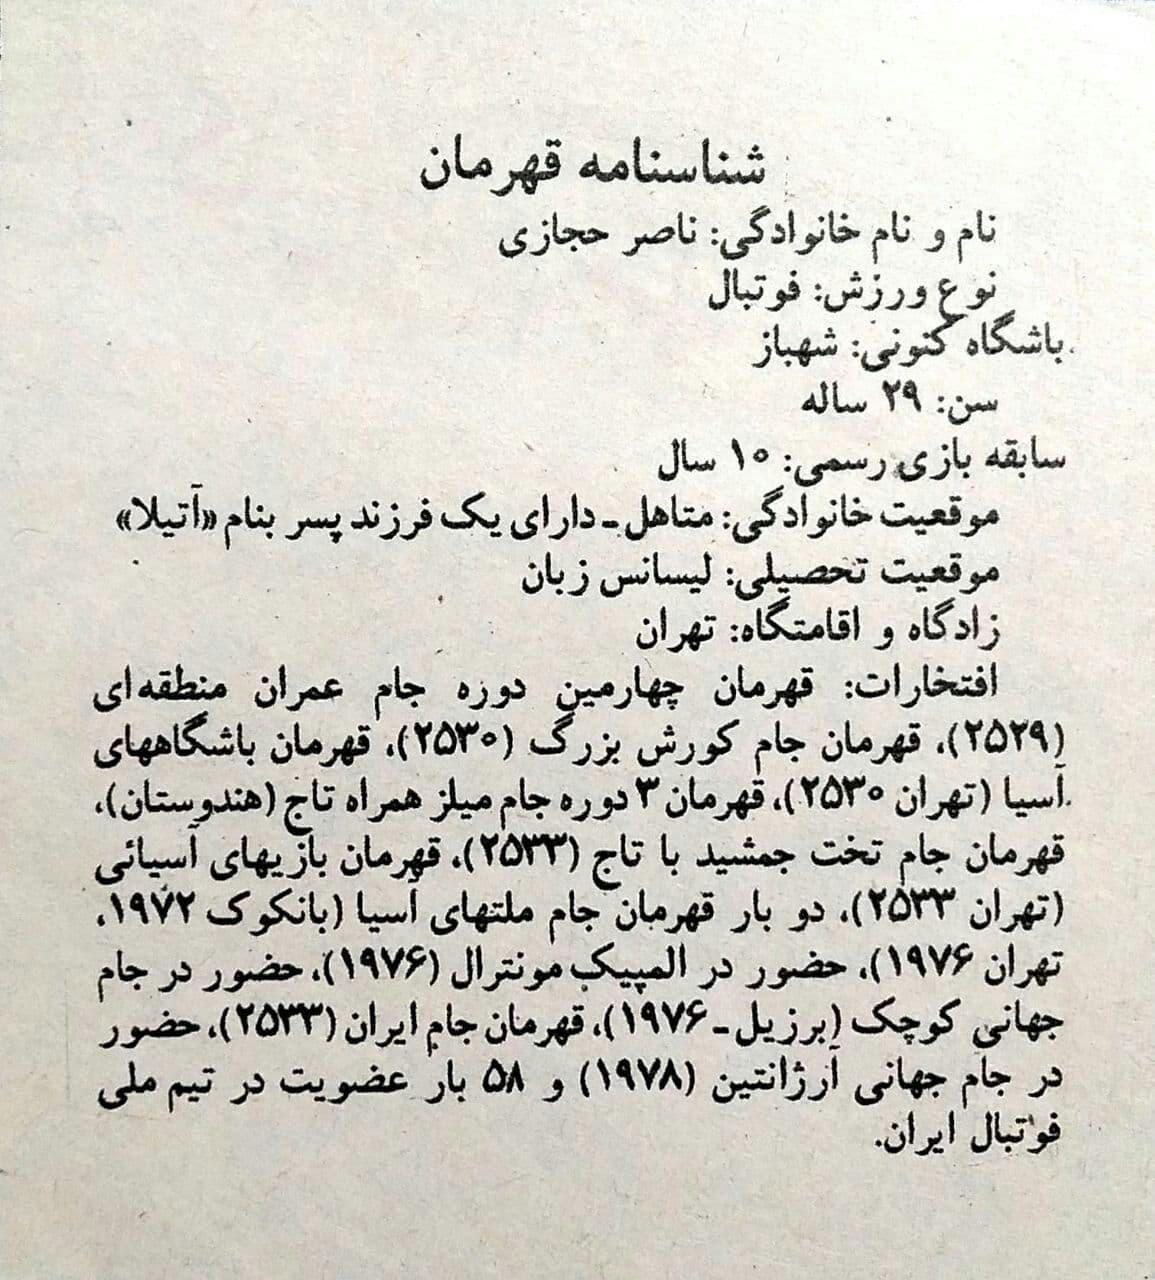 شناسنامه قهرمانی به نام ناصر حجازی/عکس